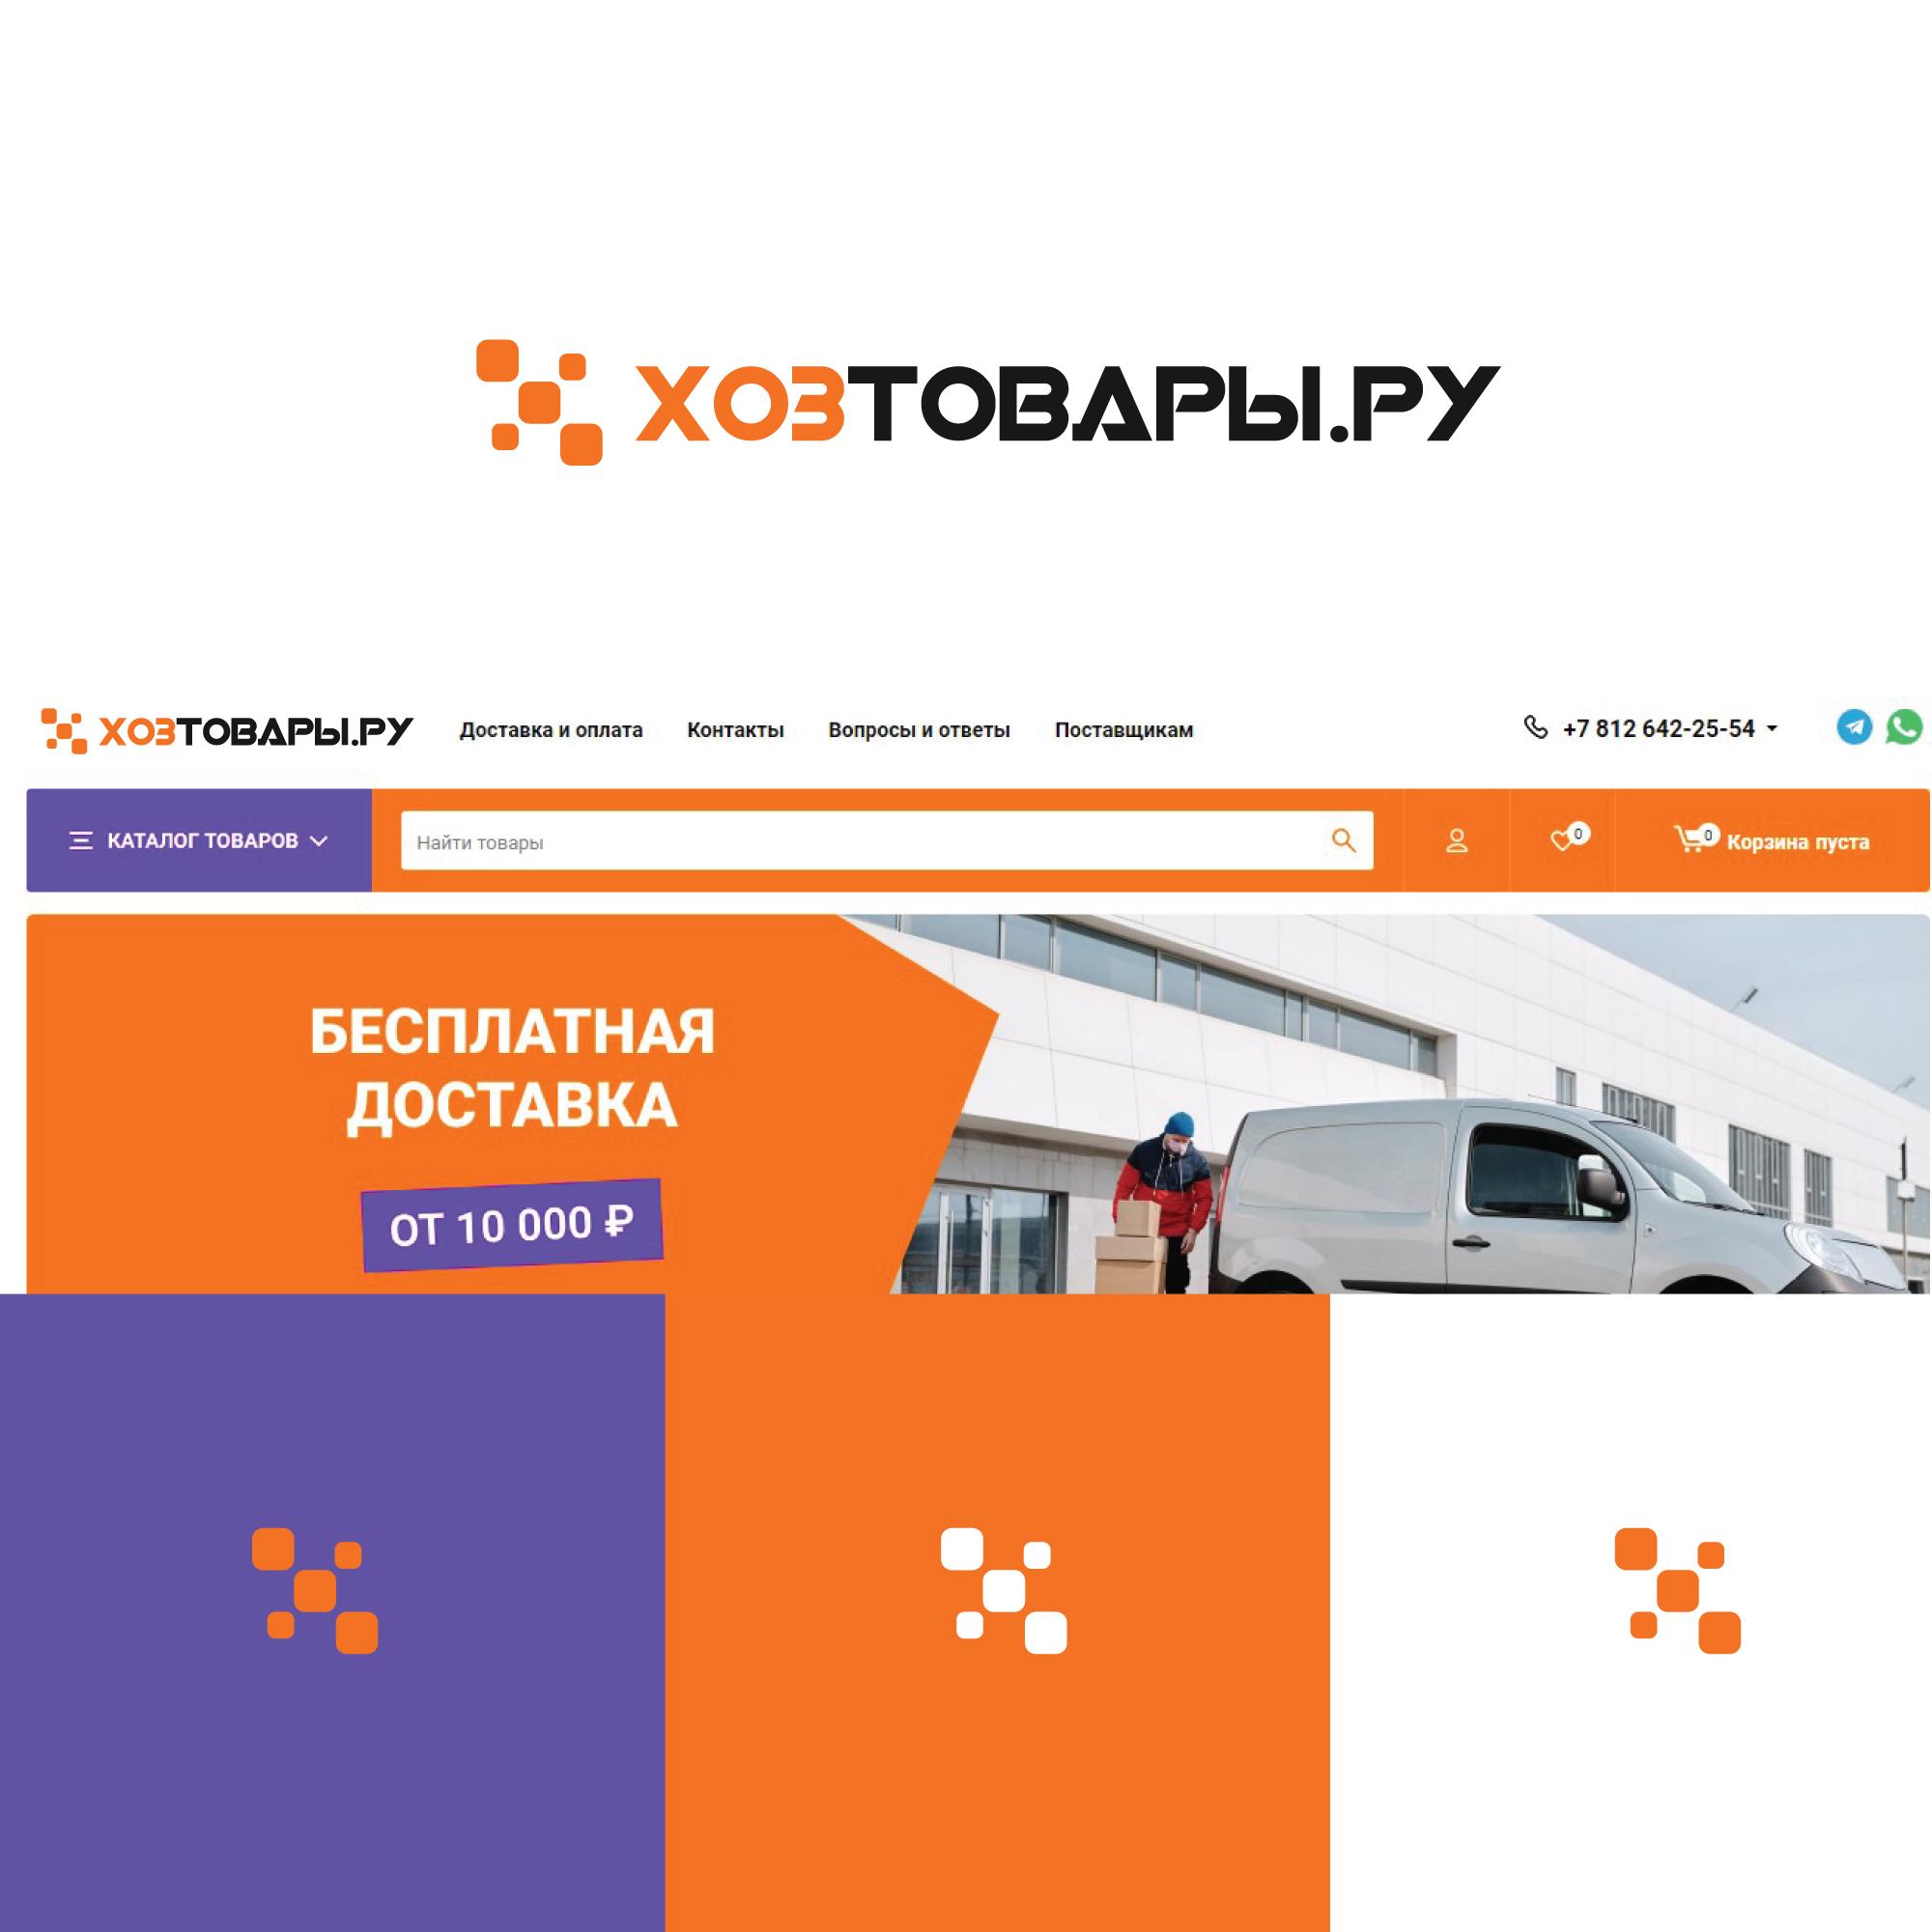 Разработка логотипа для оптового интернет-магазина «Хозтовары.ру» фото f_630608a5caeb02ef.jpg